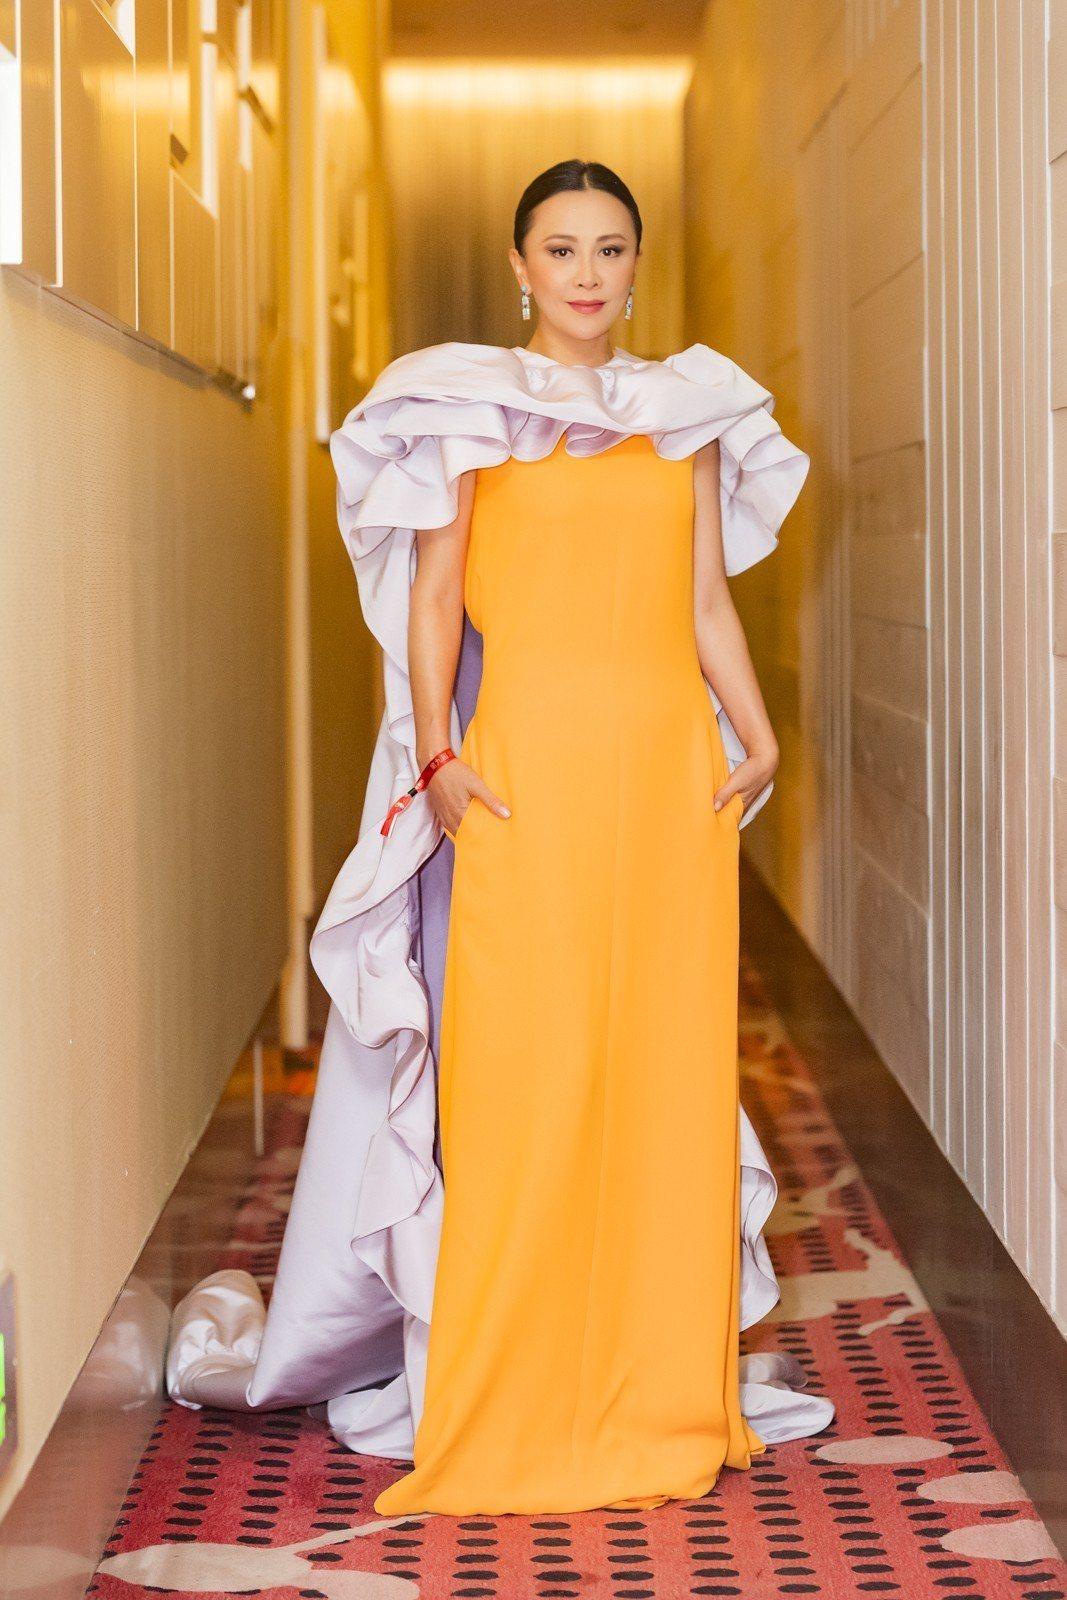 劉嘉玲選穿Valentino春夏高級訂製系列的橘色禮服,直身線條的禮服以鮮明的色...